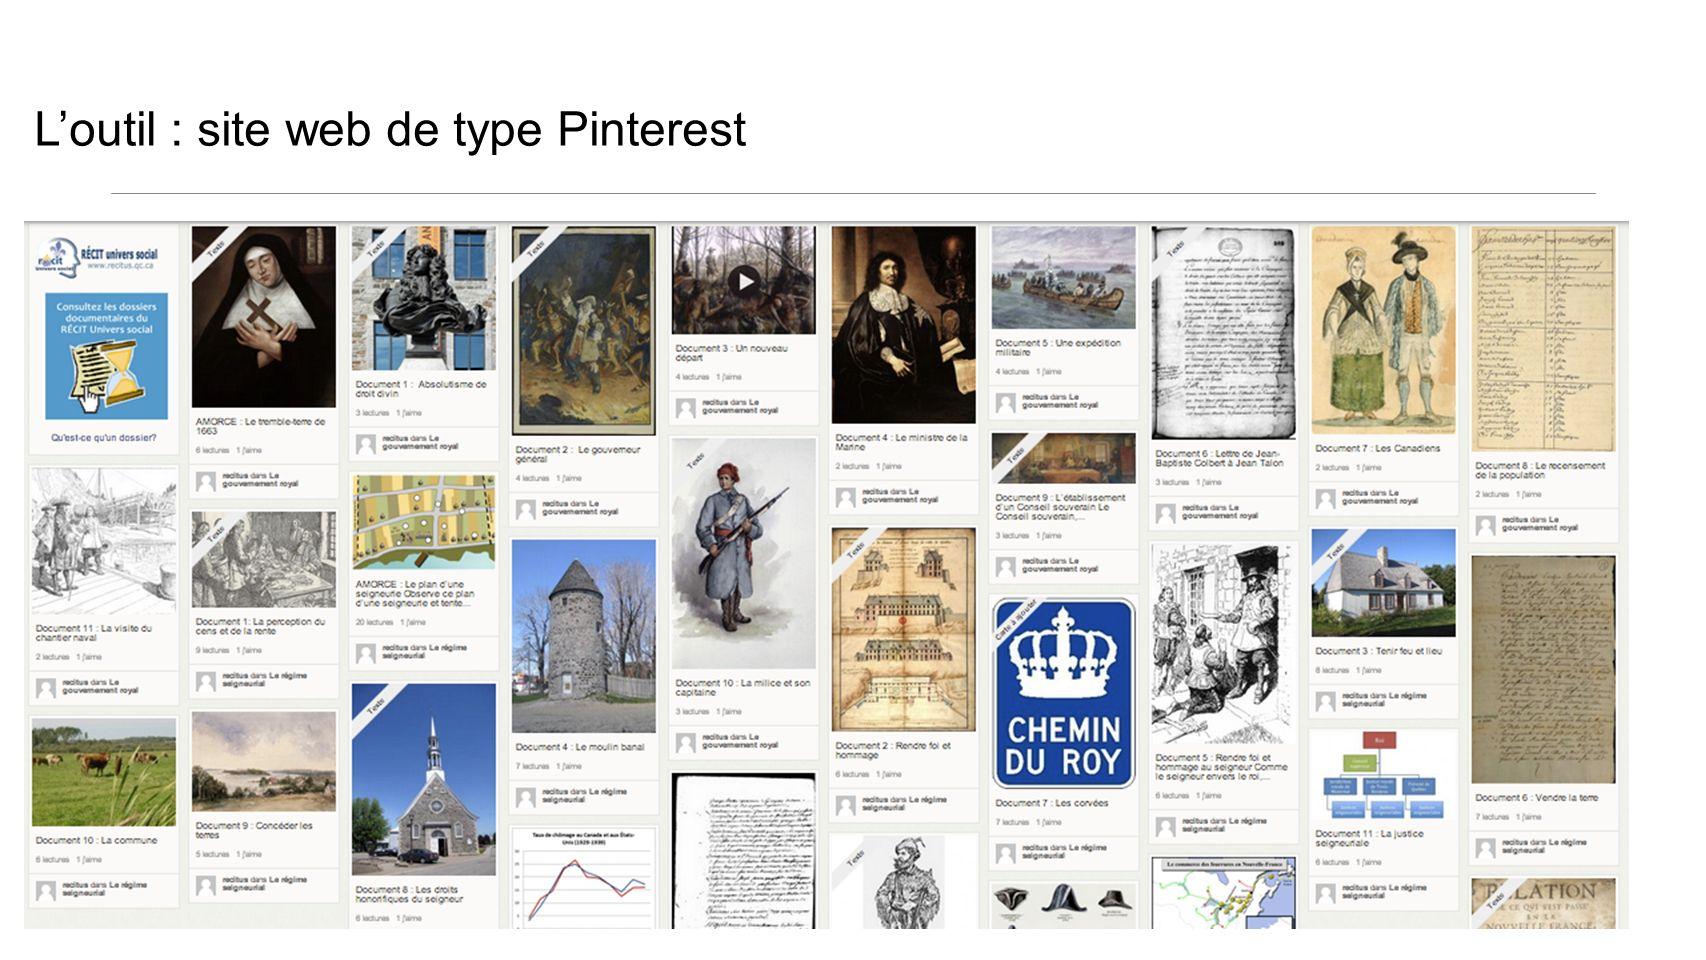 L'outil : site web de type Pinterest